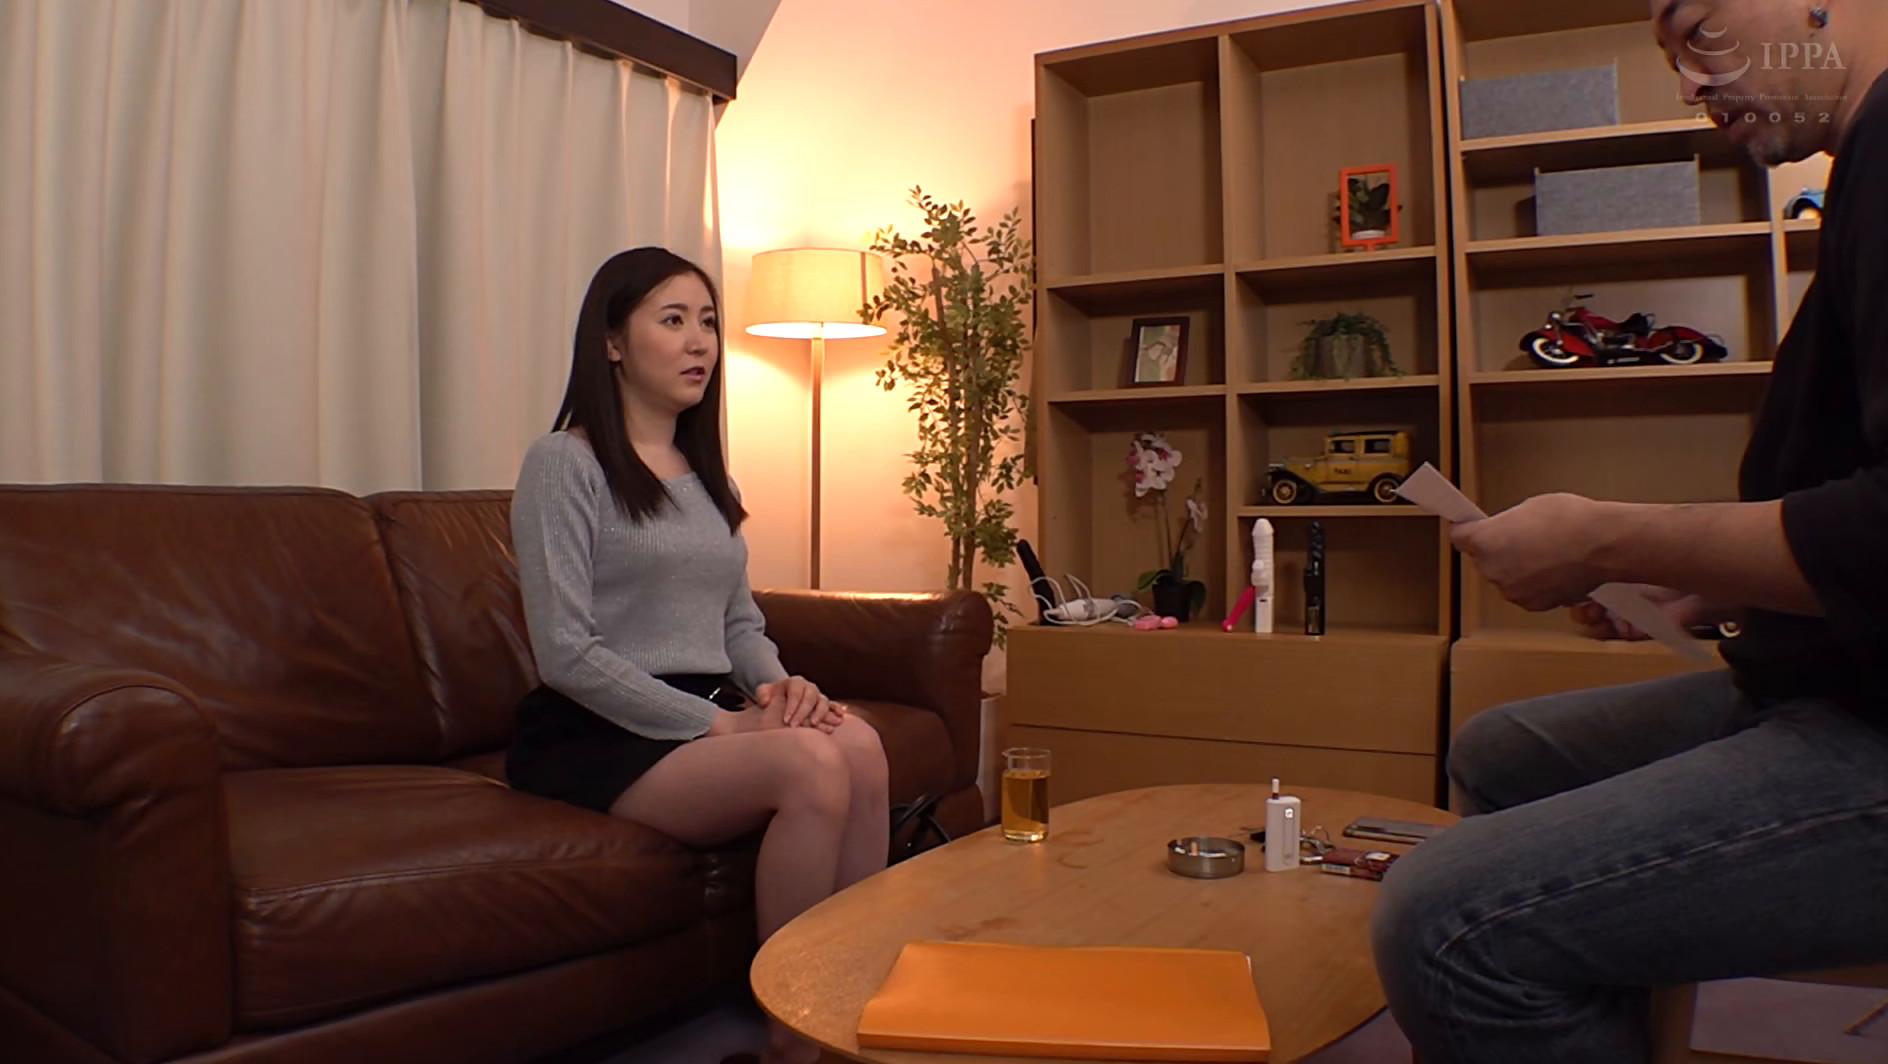 悪徳店長に騙された礼儀正しい女の風俗面接ドキュメント 東希美 画像1